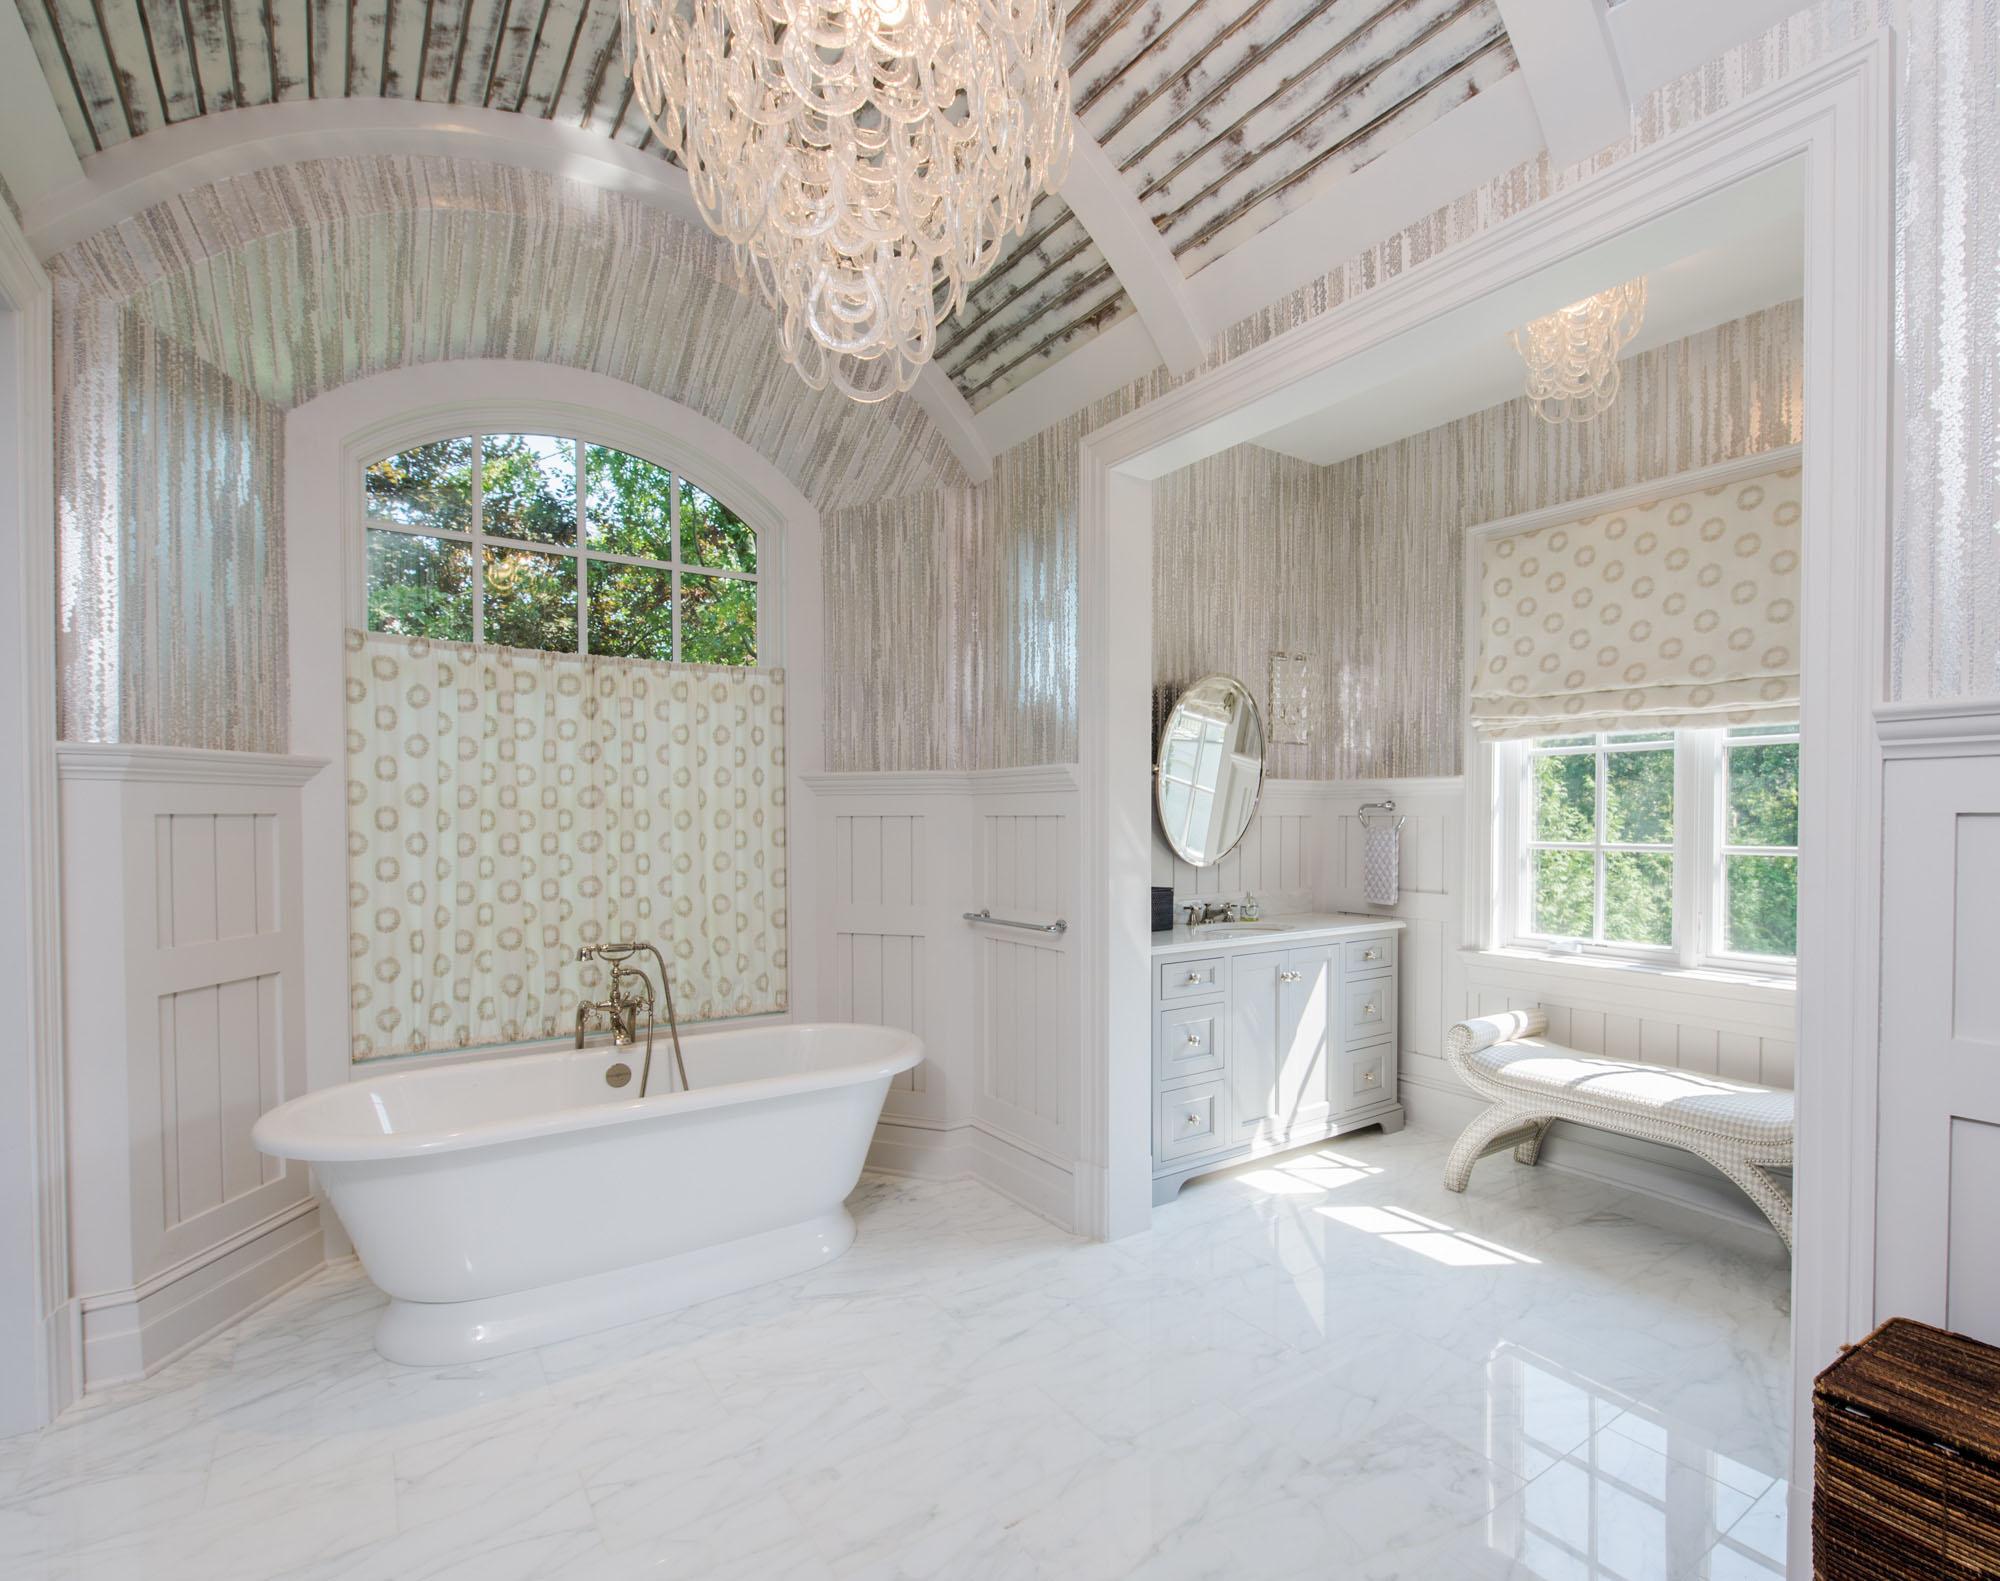 Белый комод и скамья в ванной в стиле прованс